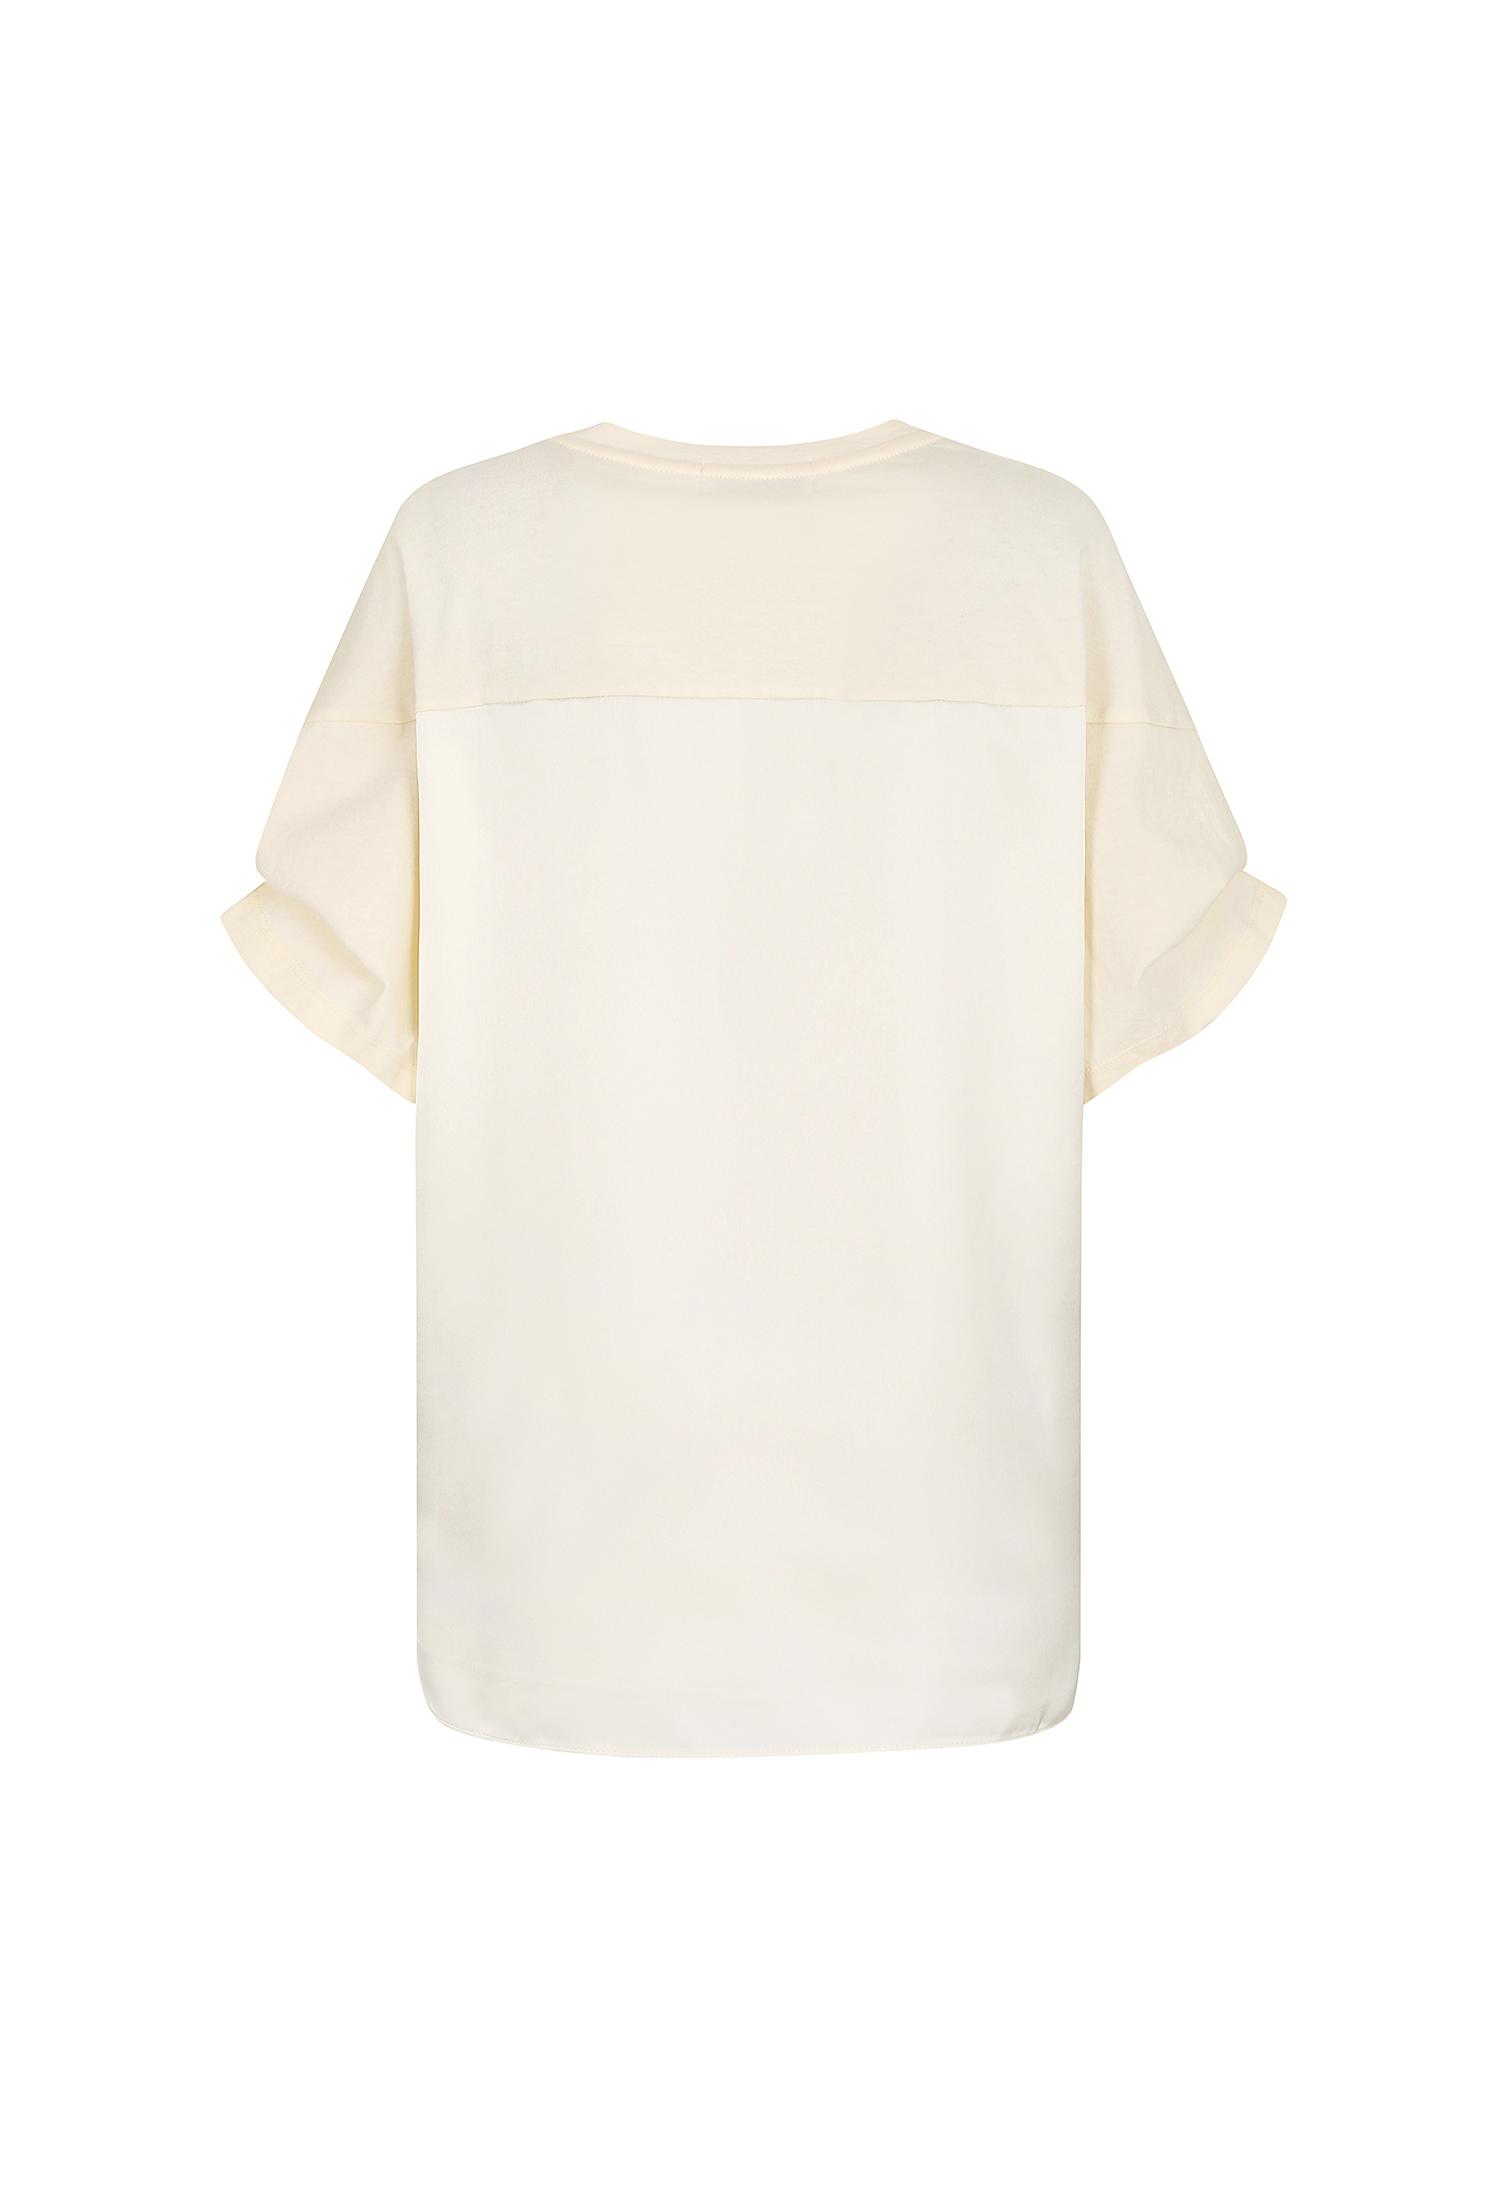 실키 배색 레터링 티셔츠 (CREAM)